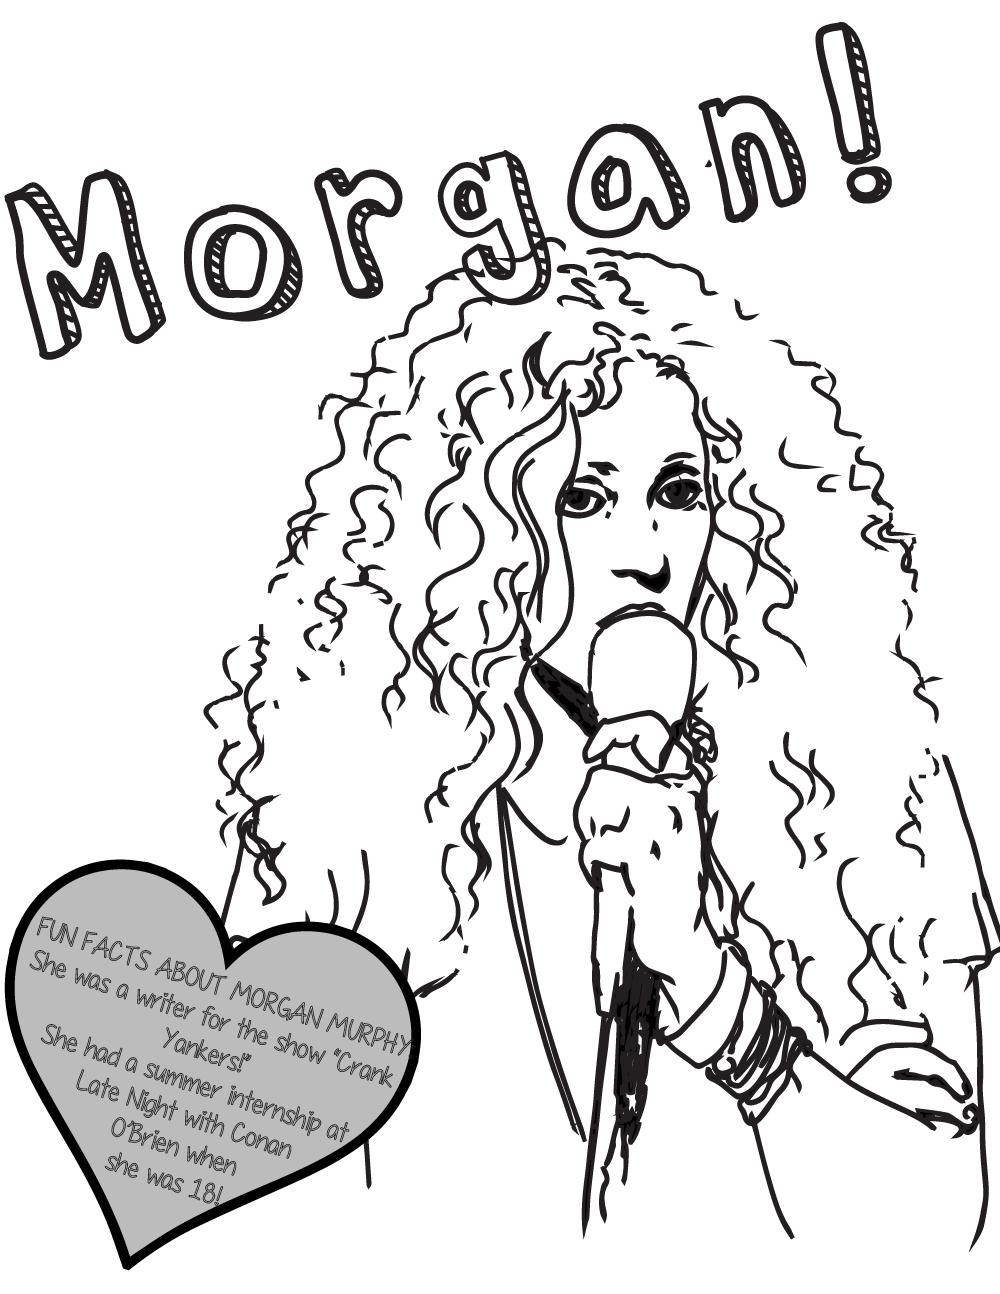 morganmurphy.png